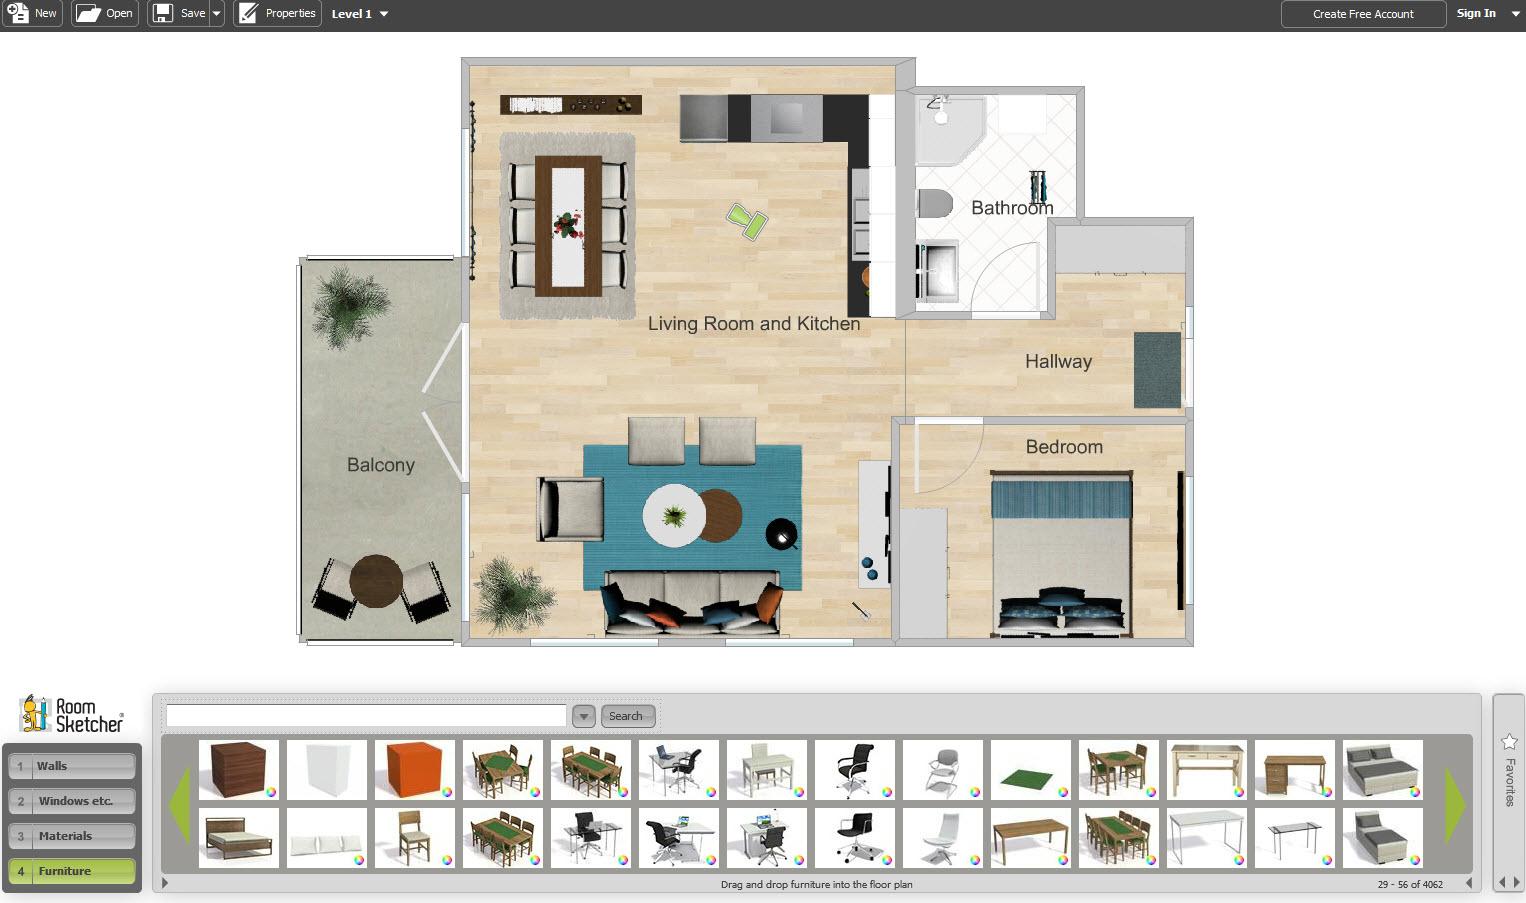 Plantas de casas online gratis plantas de casas online for Planos de casas online